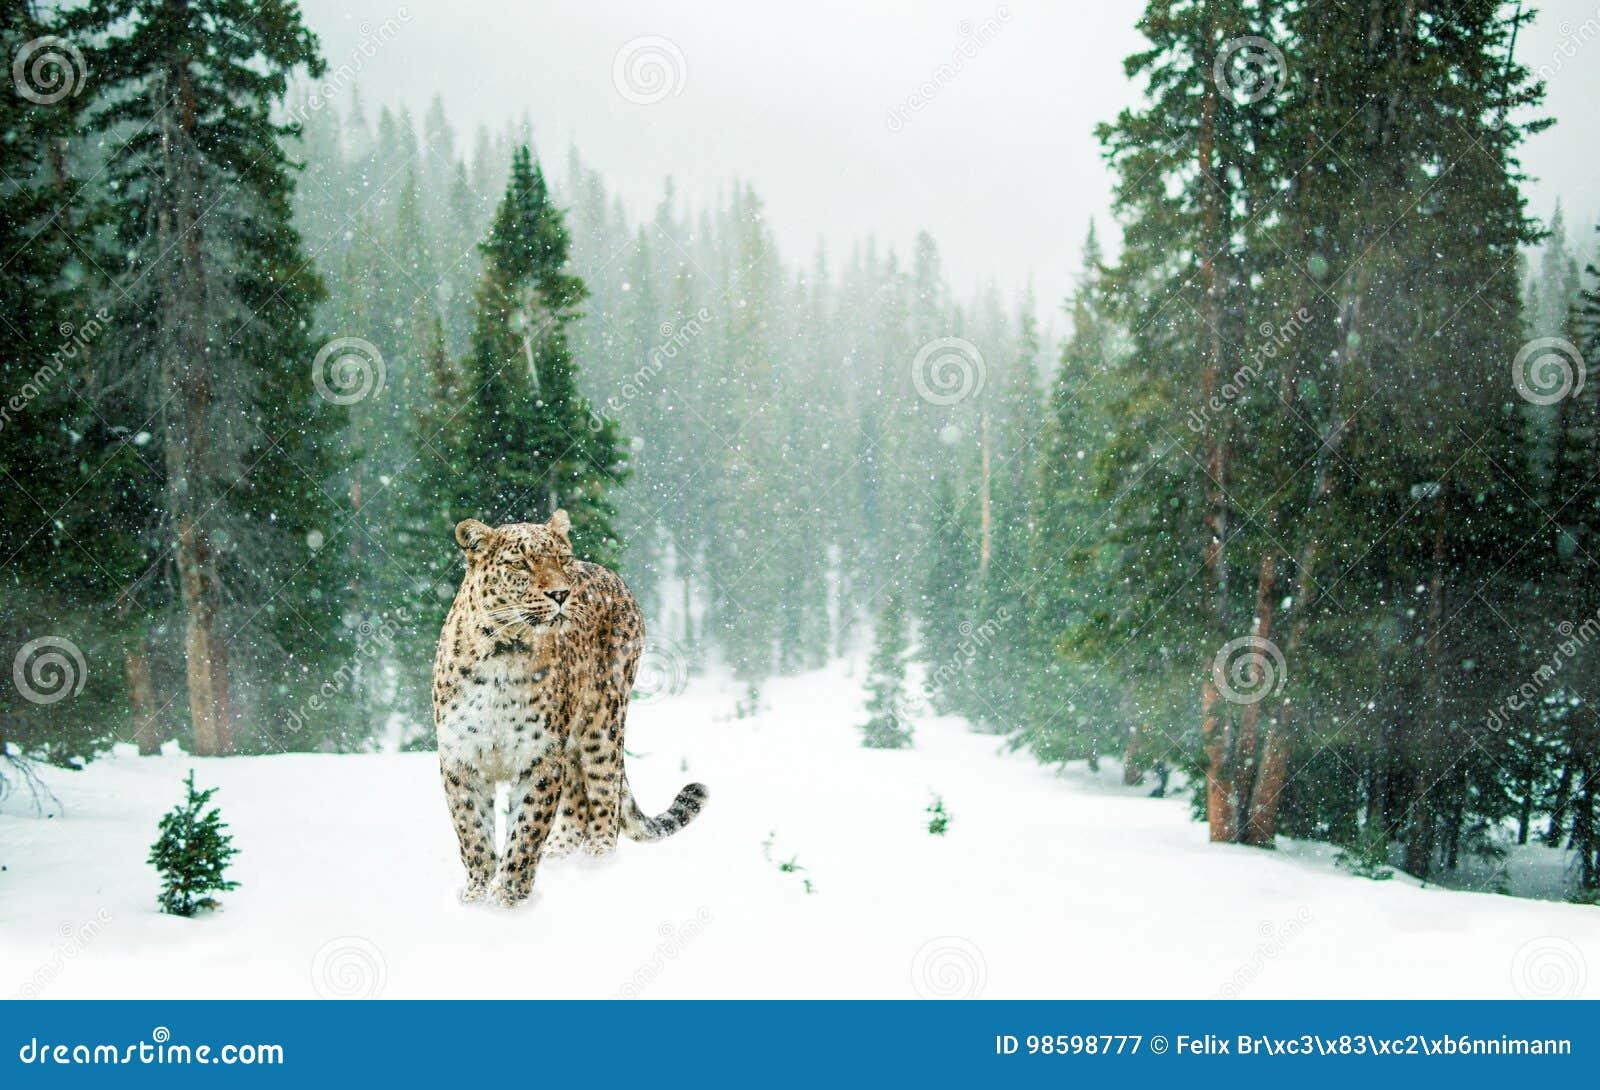 Leopard im schneebedeckten Wald